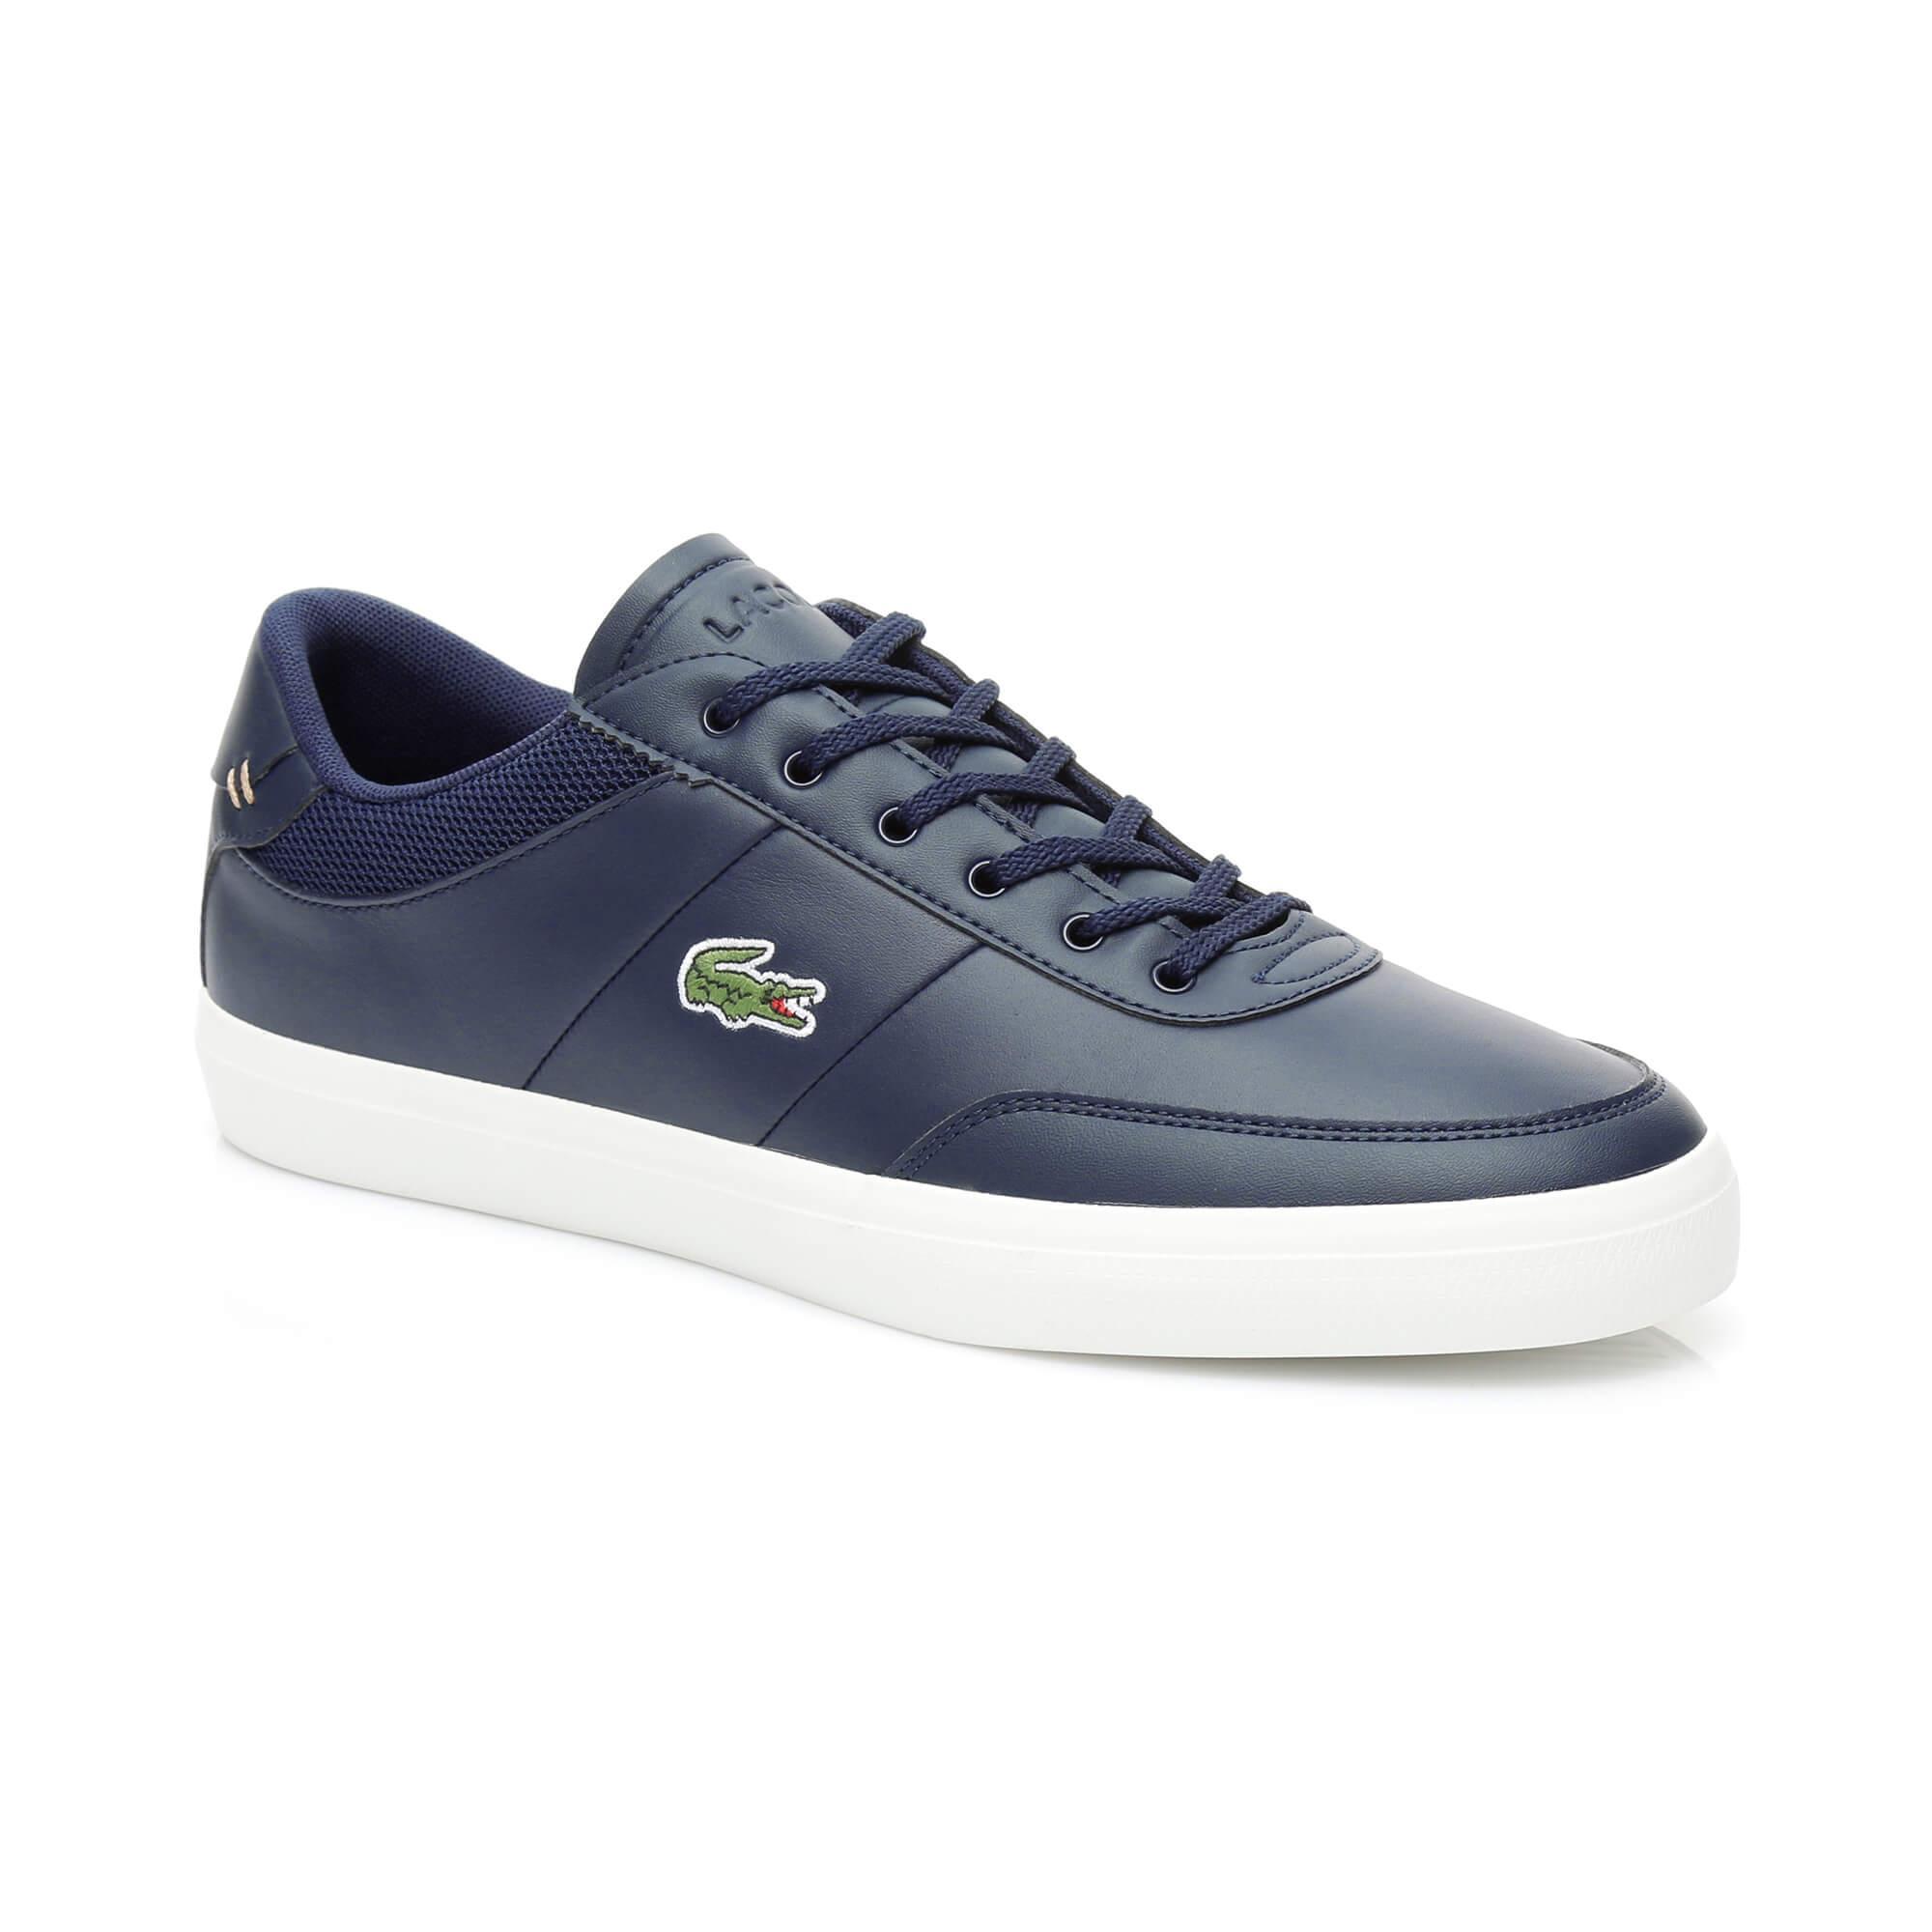 Lacoste Men's Court Master Shoes